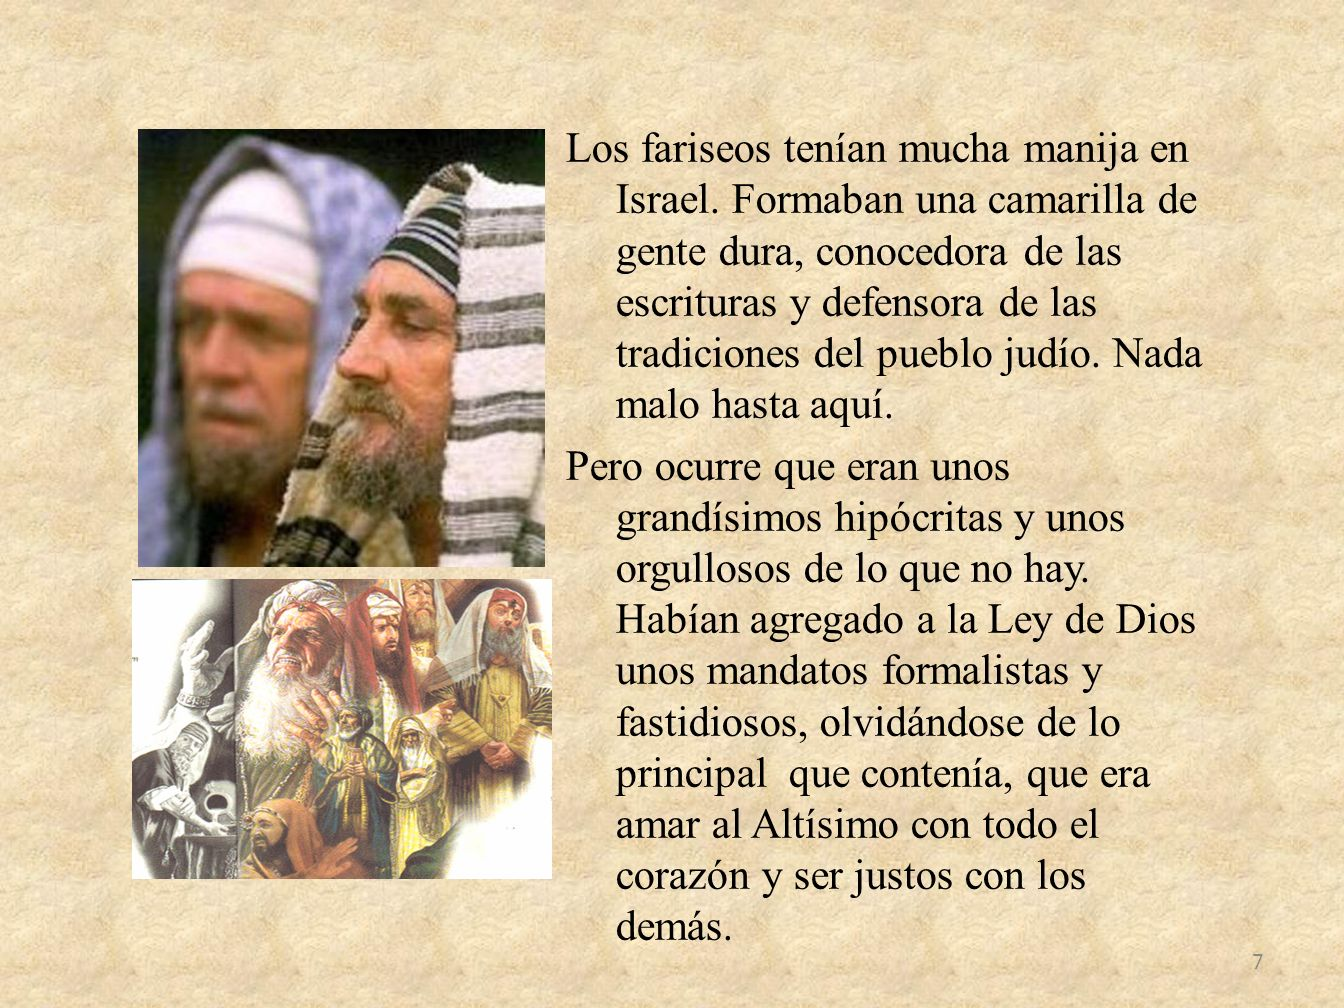 Los fariseos tenían mucha manija en Israel